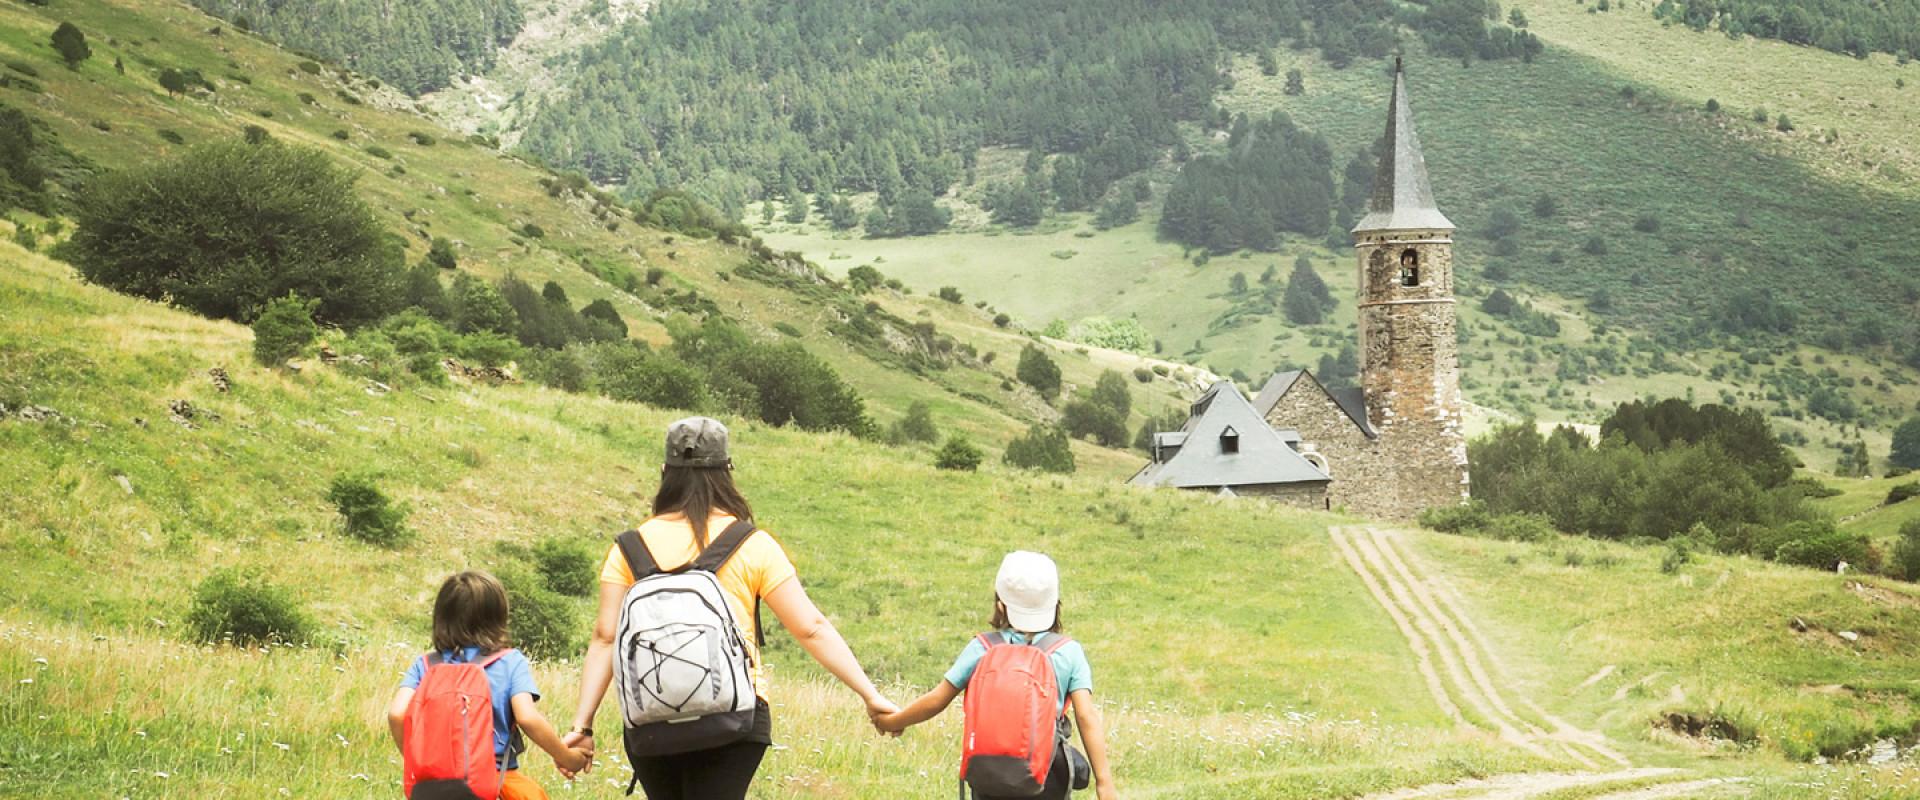 Familienurlaub in den Pyrenäen